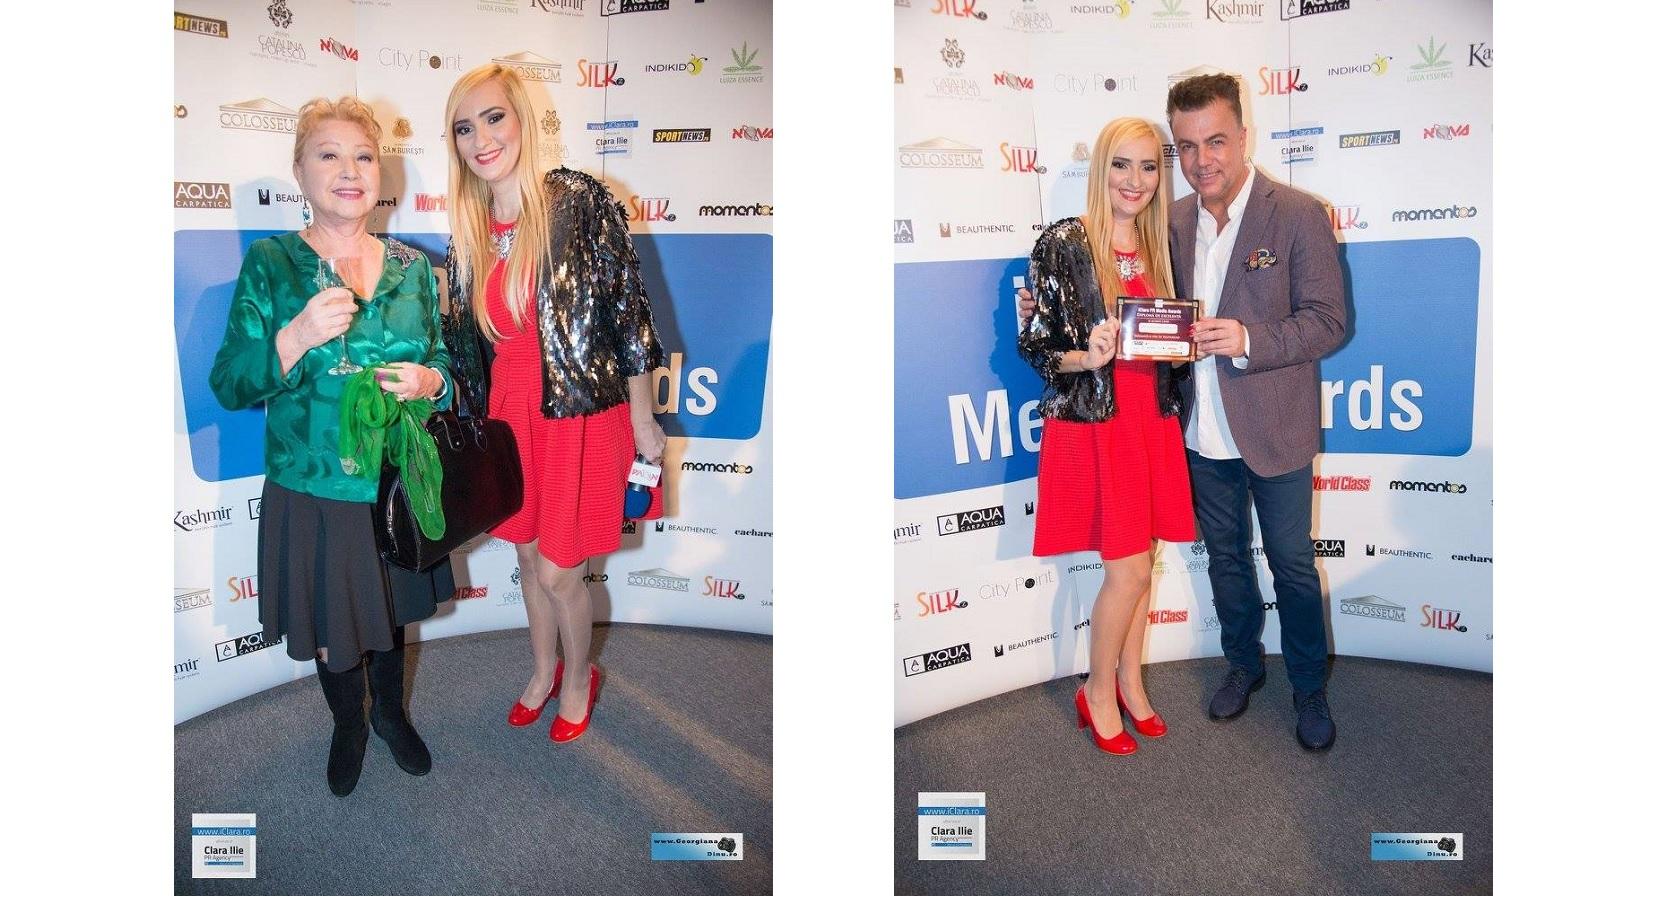 Premiul pentru eleganta si stil in televiziune: Adela Diaconu